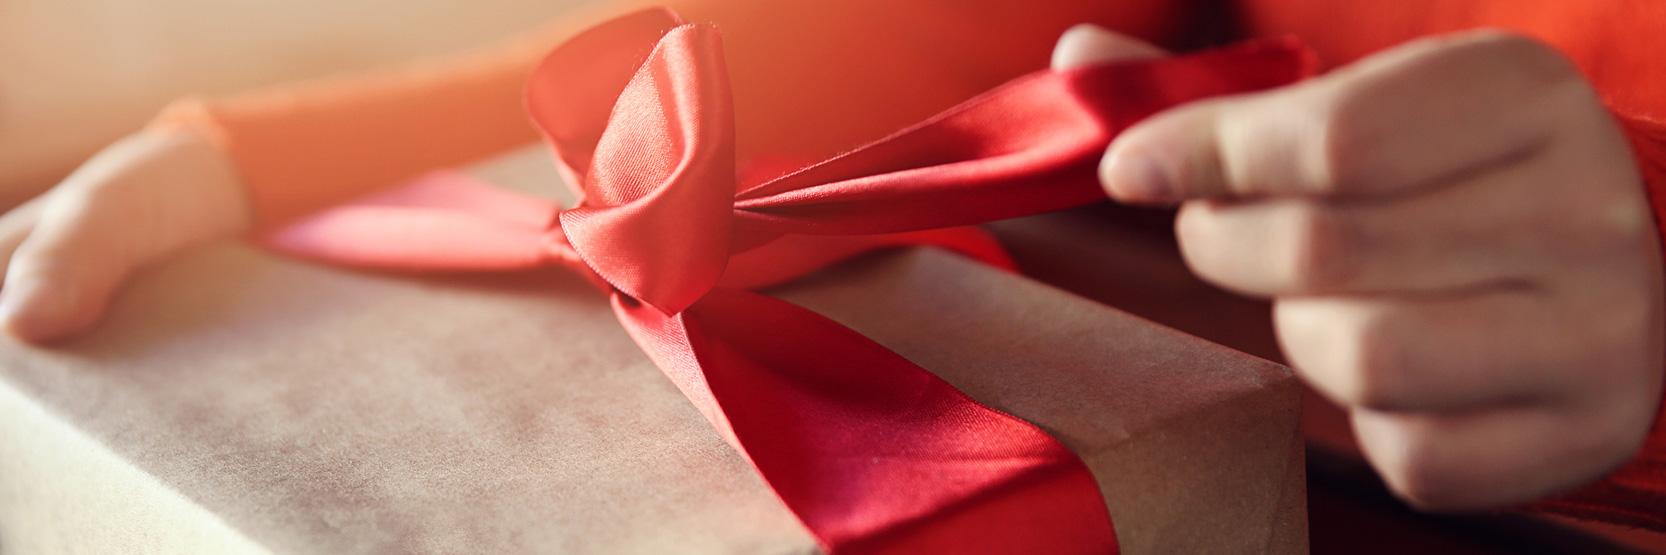 أفضل هدية ممكن تقدمها لحبيبك